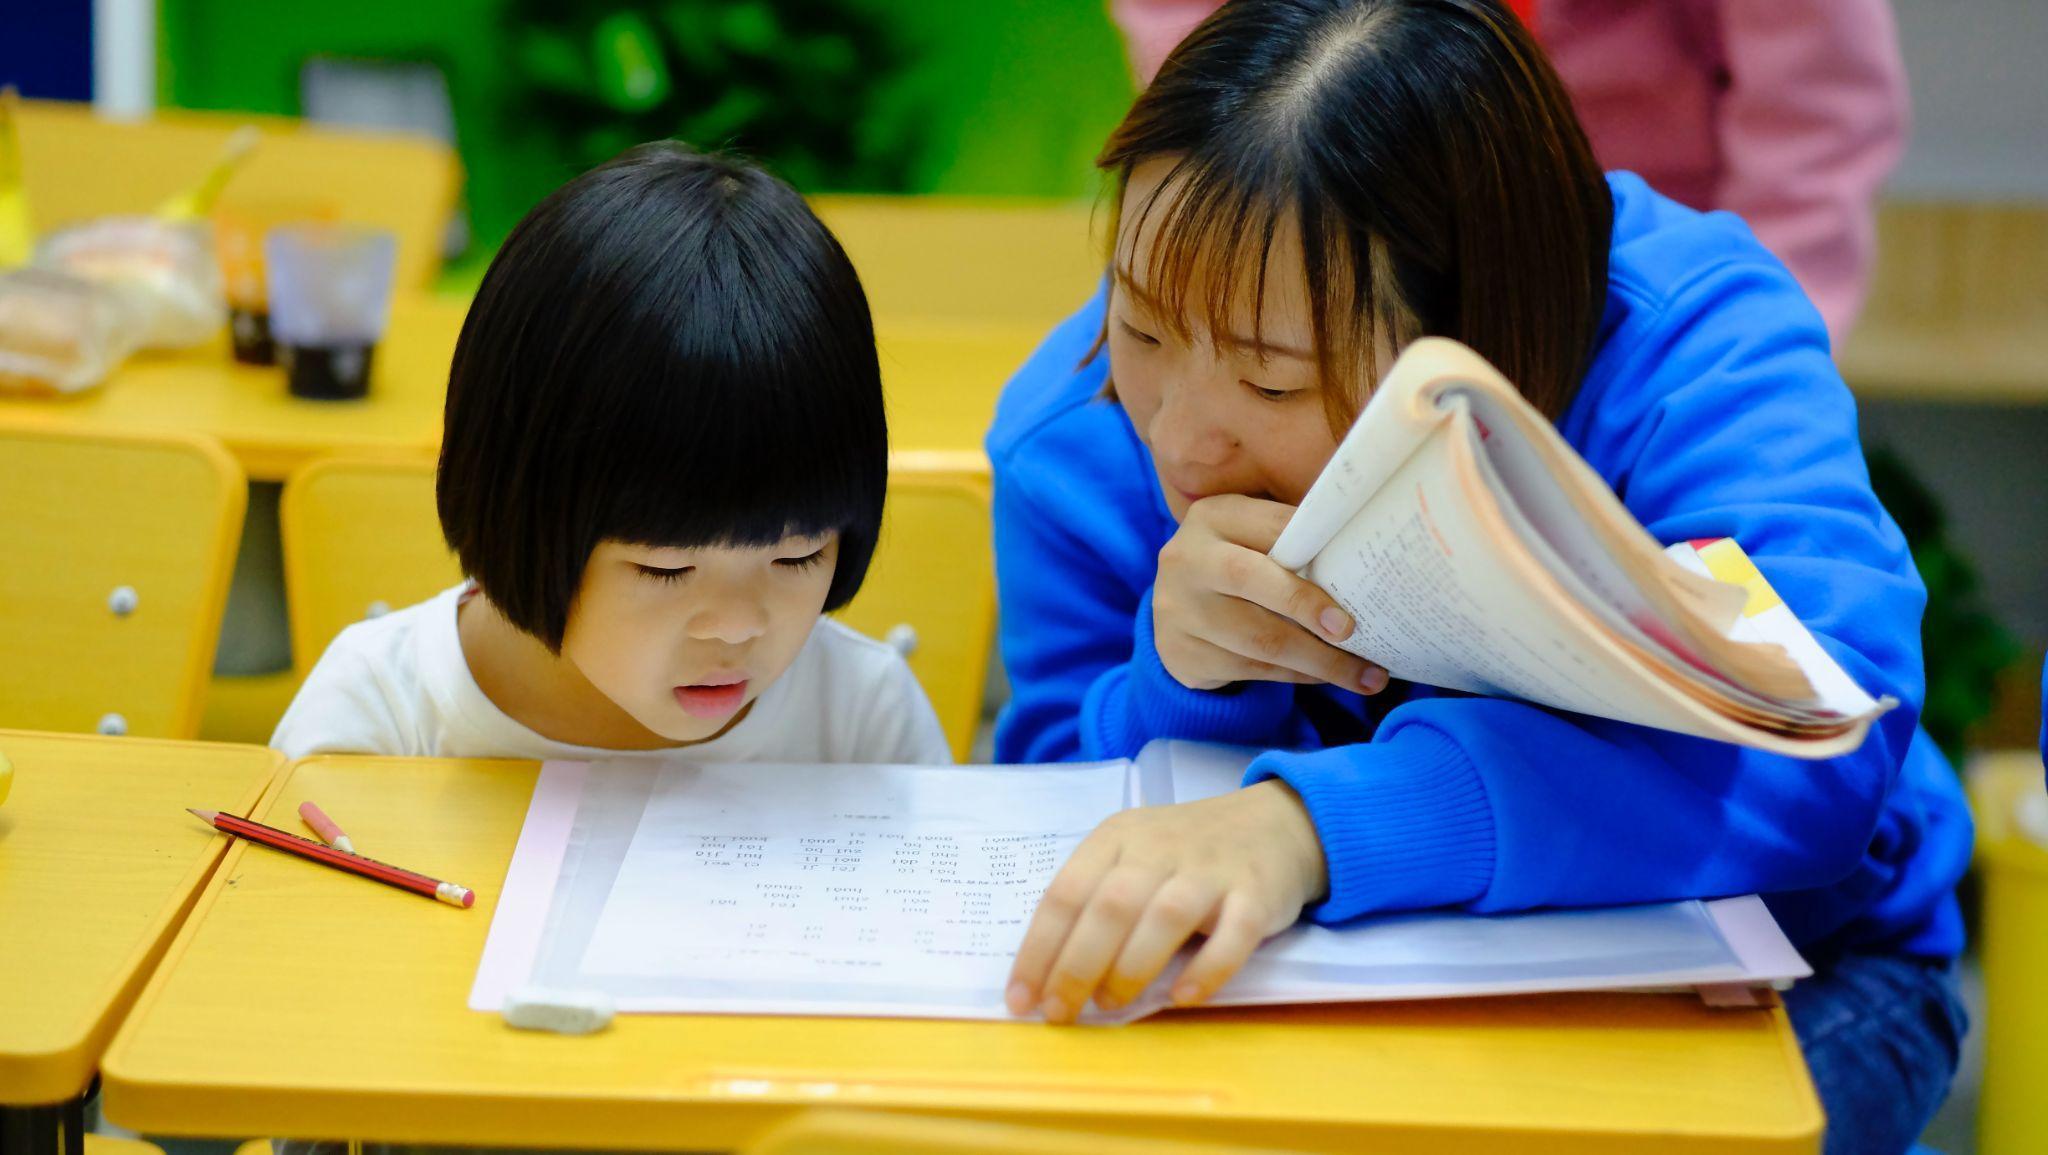 Anak lebih cepat belajar di kursus bahasa Inggris di Jakarta